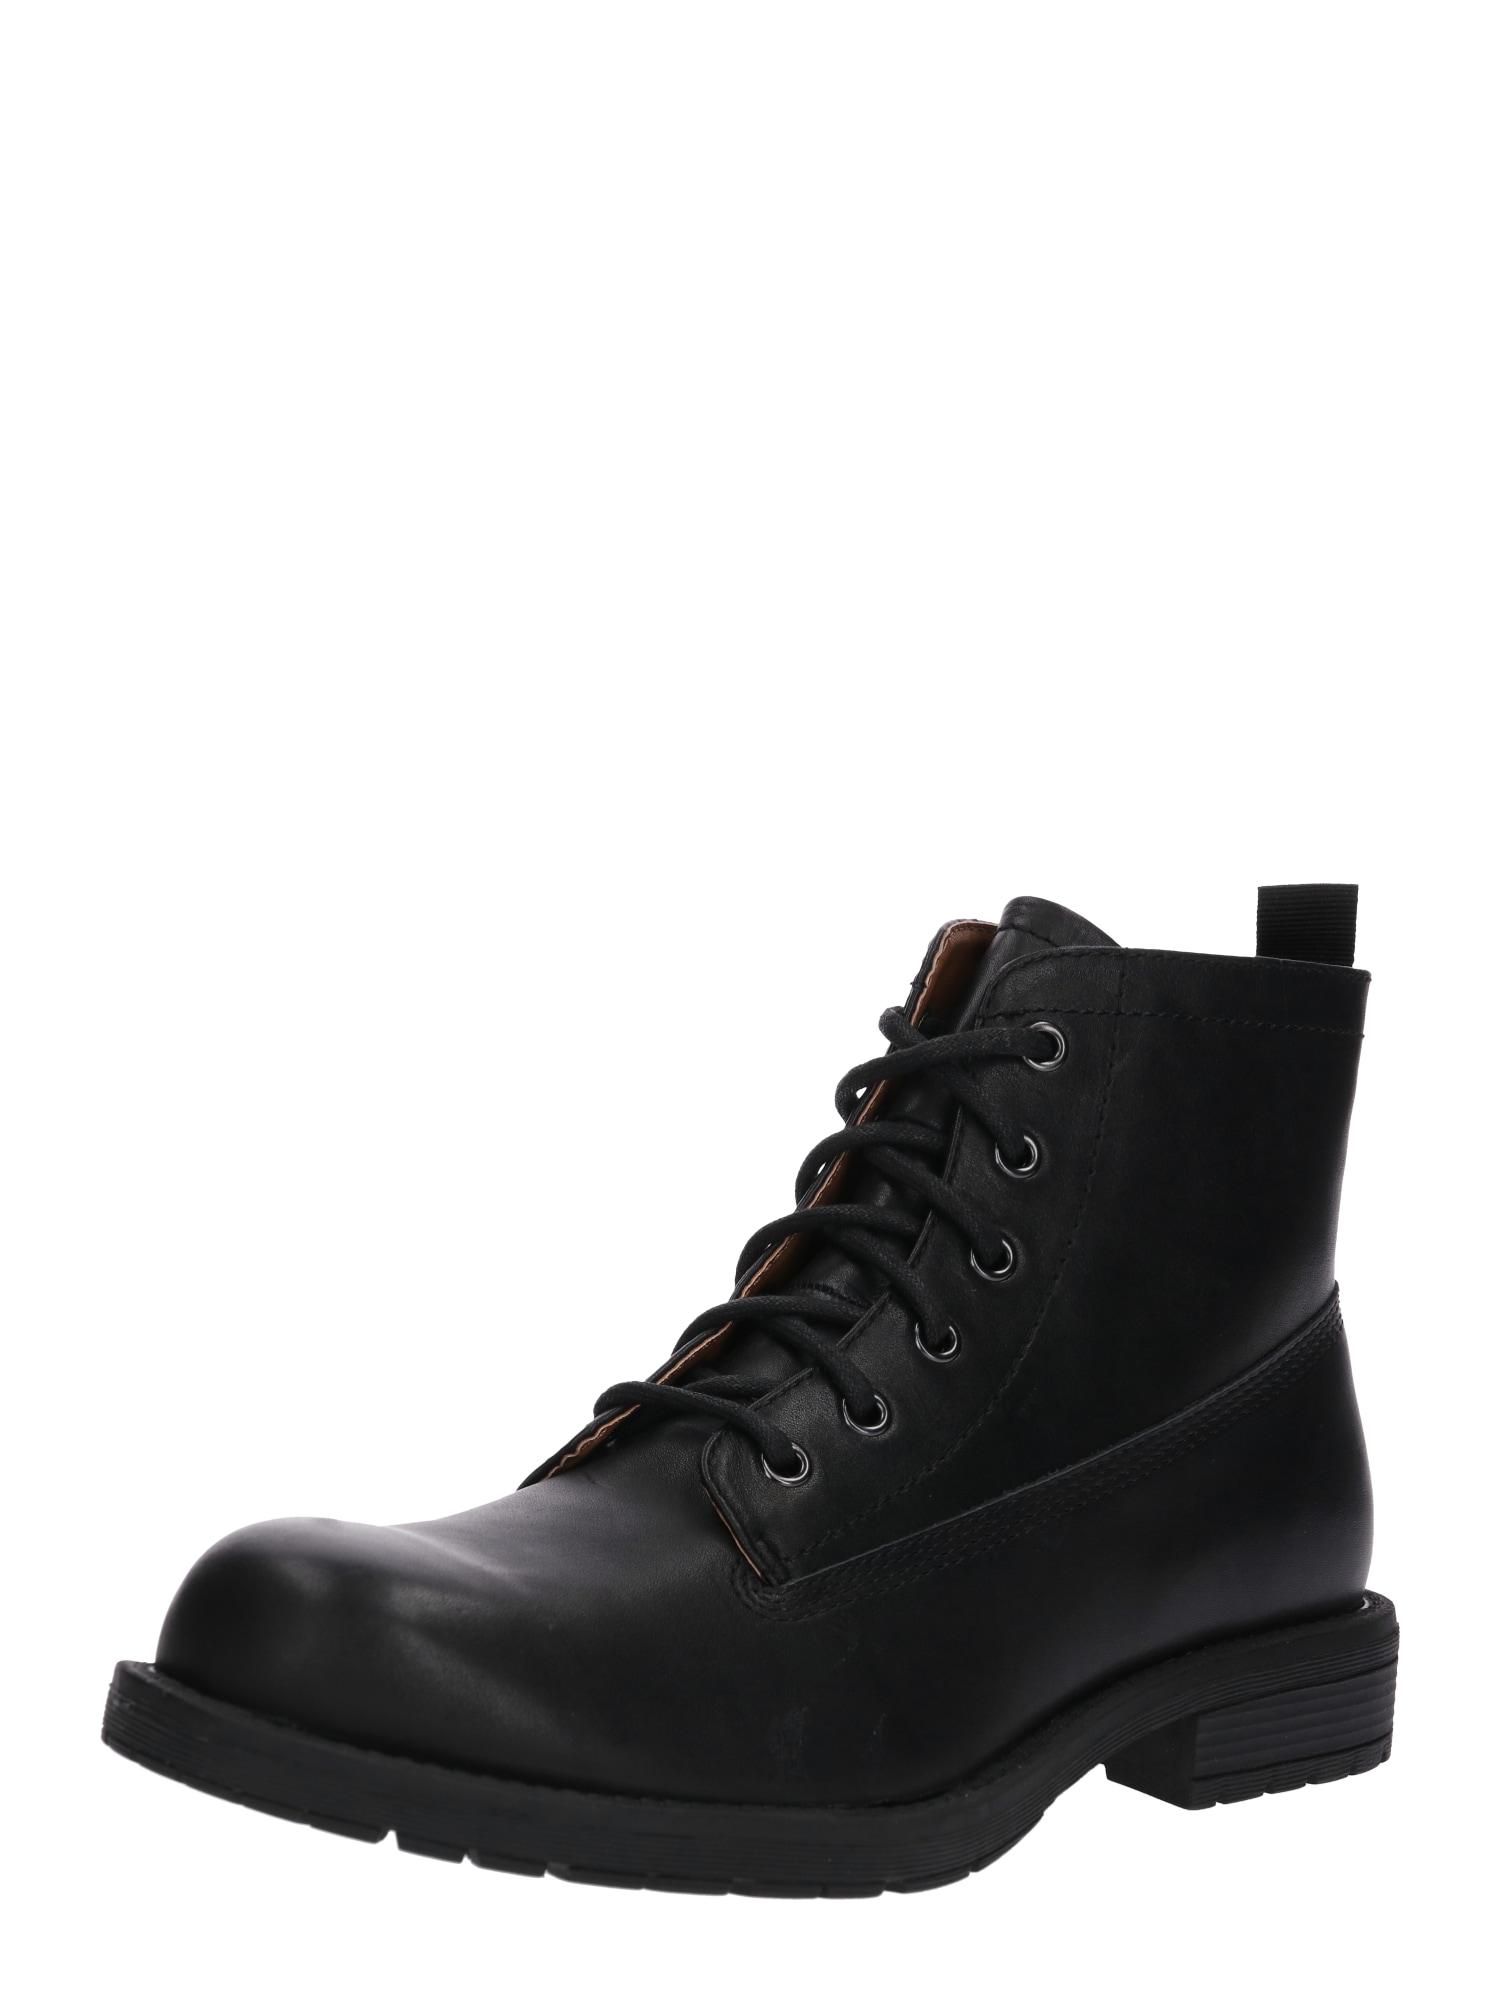 Šněrovací boty Short Lace Boots černá Zign